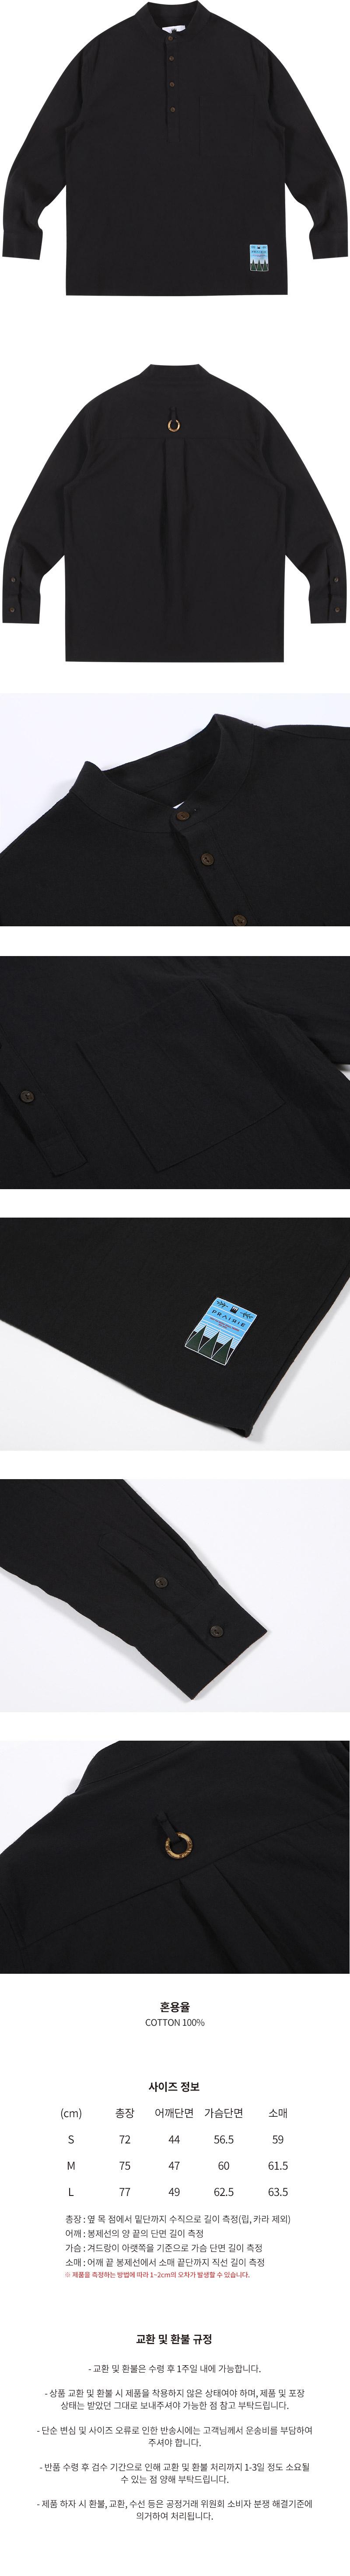 프레리(PRAIRIE) [UNISEX] 베이직 헨리넥 셔츠 (BLACK)